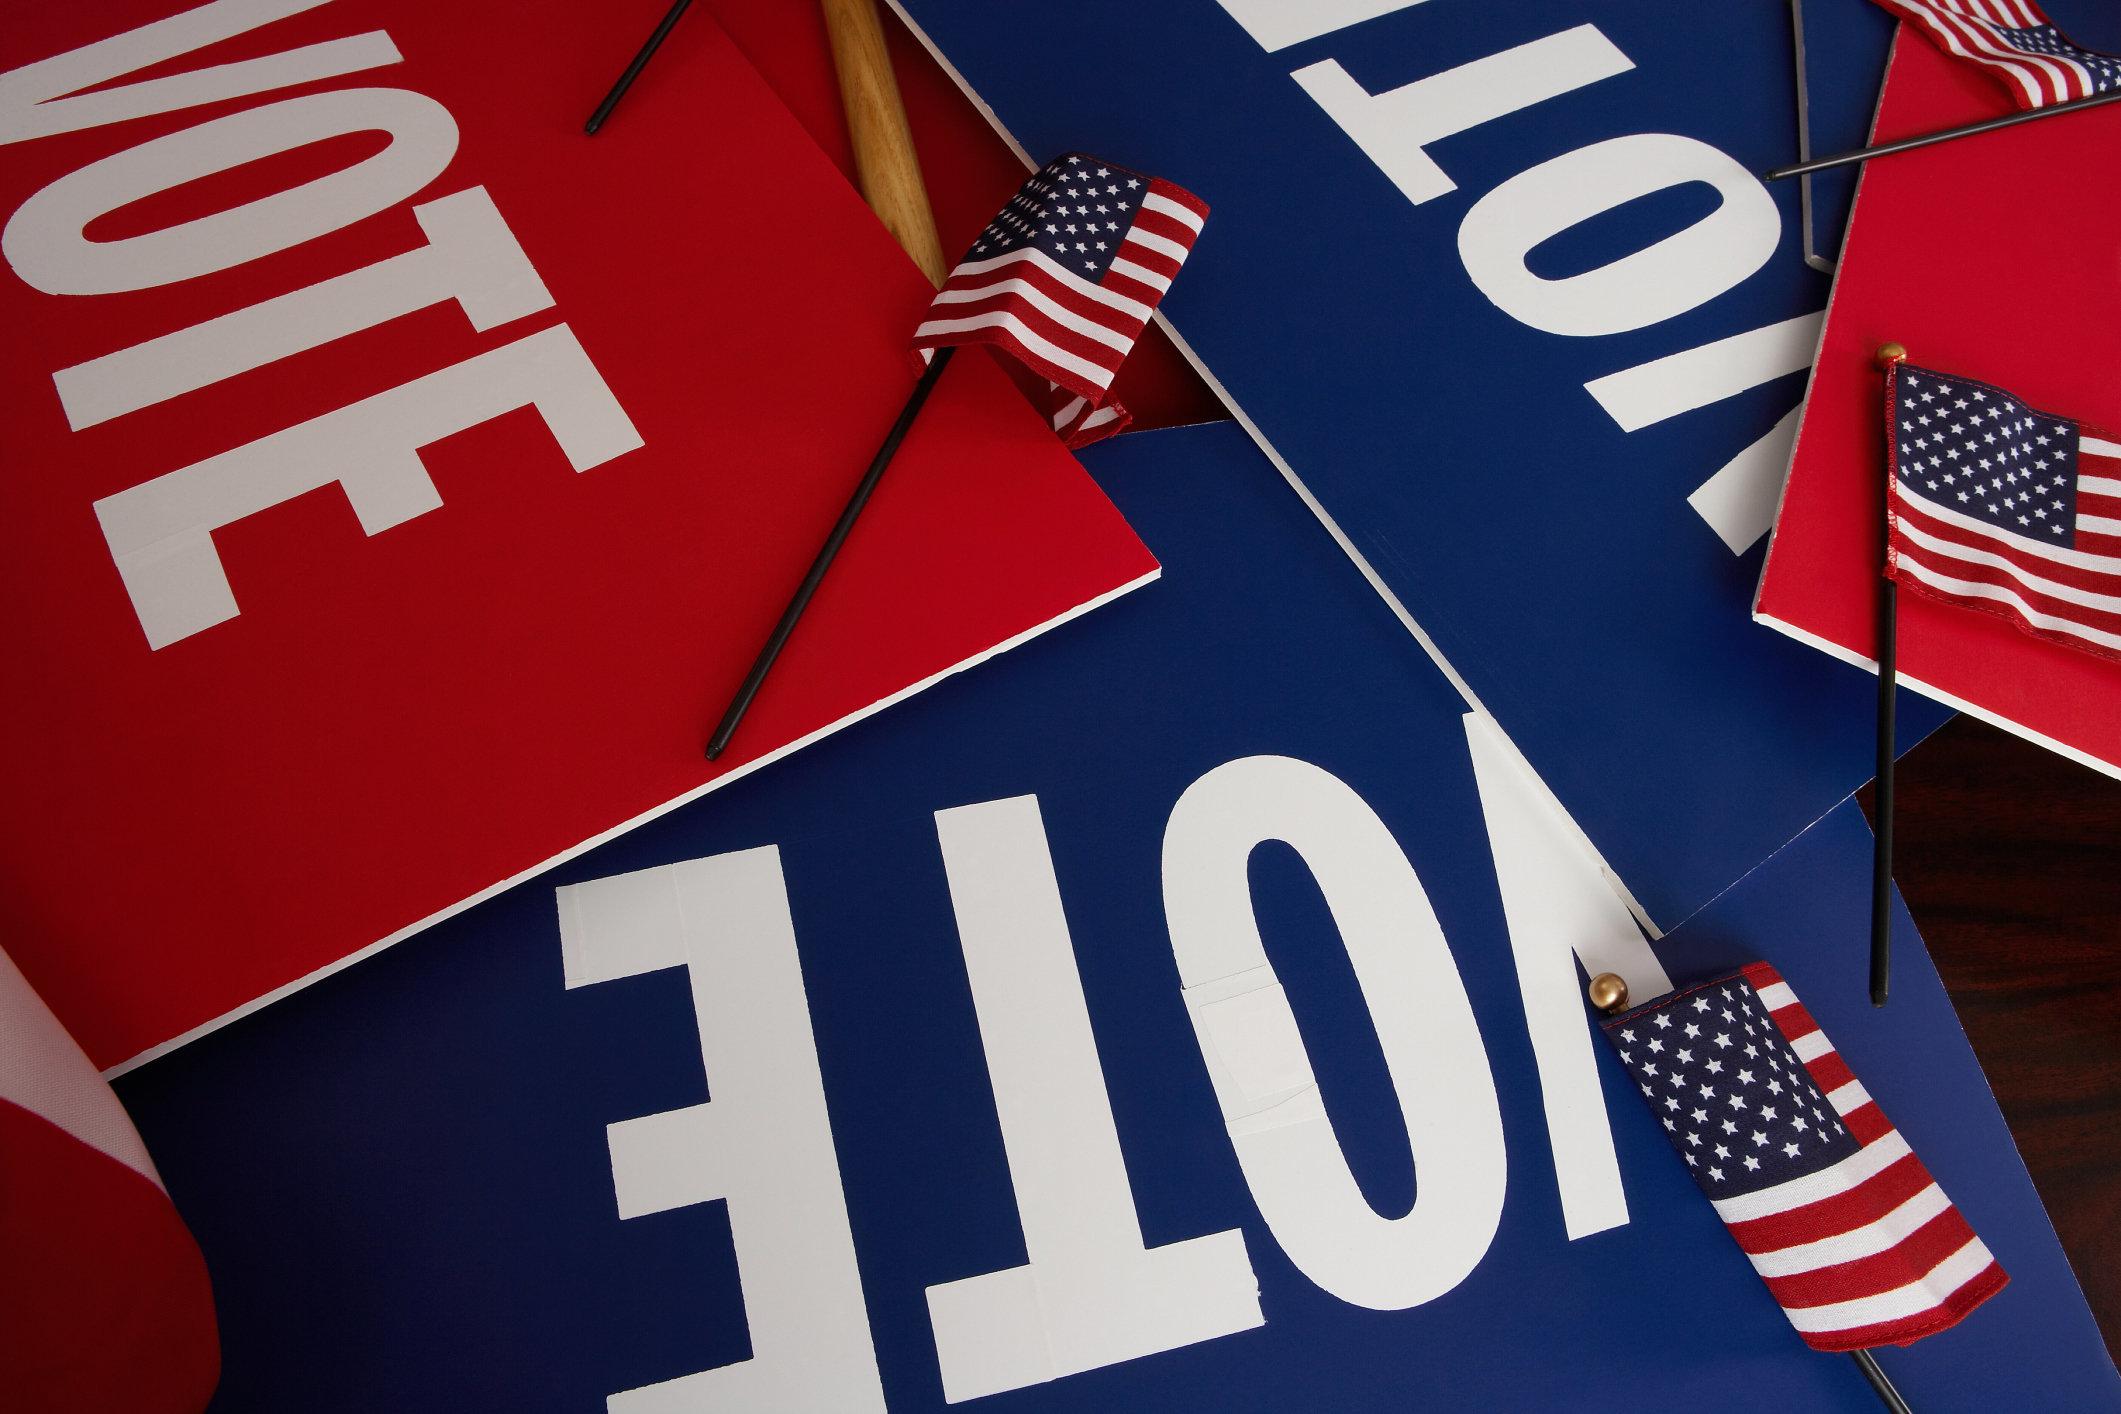 Find Voter Registration Number